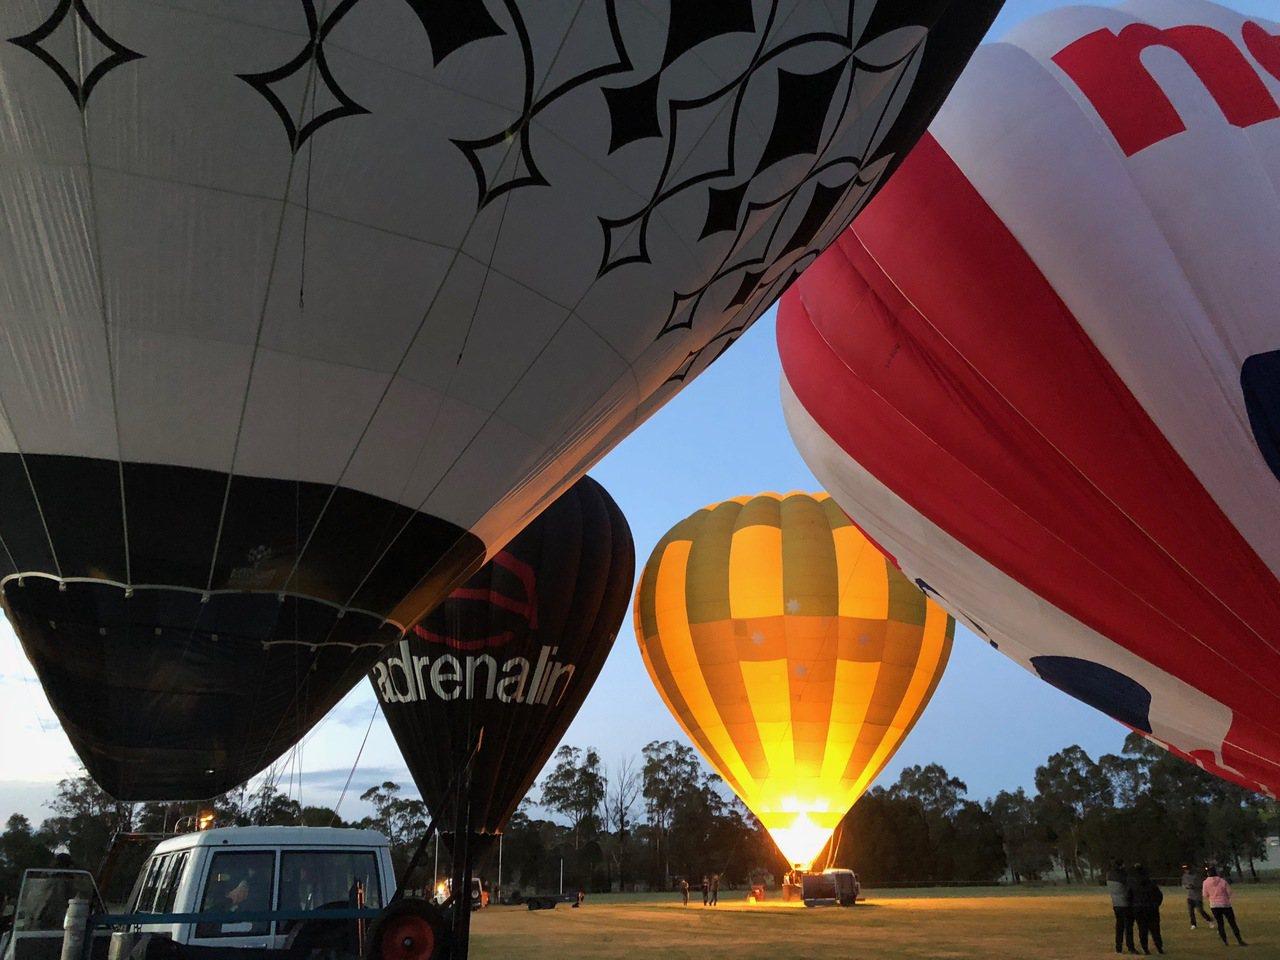 熱氣球最好的攝影角度是拍鄰居的起落。記者錢欽青攝影。